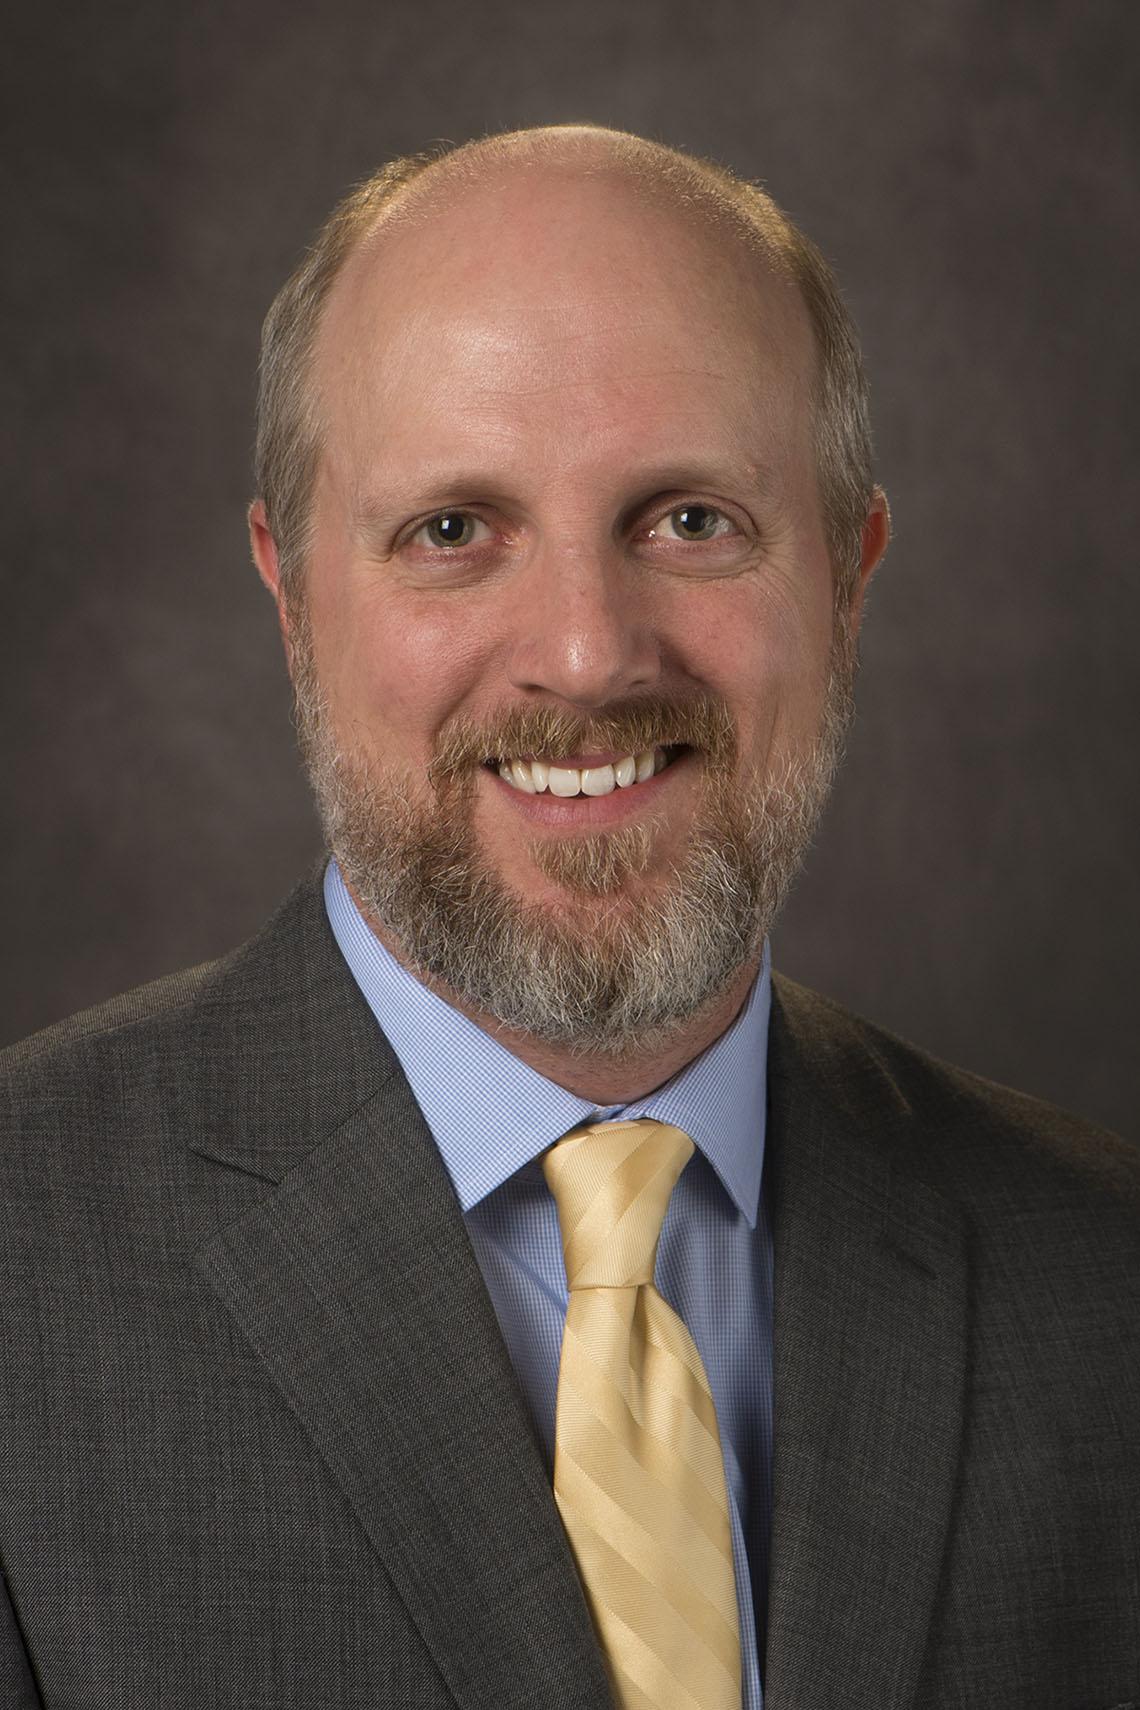 Scott Kopetz, M.D., profesor y vicepresidente de Oncología Médica GI en el MD Anderson Cancer Center de la Universidad de Texas